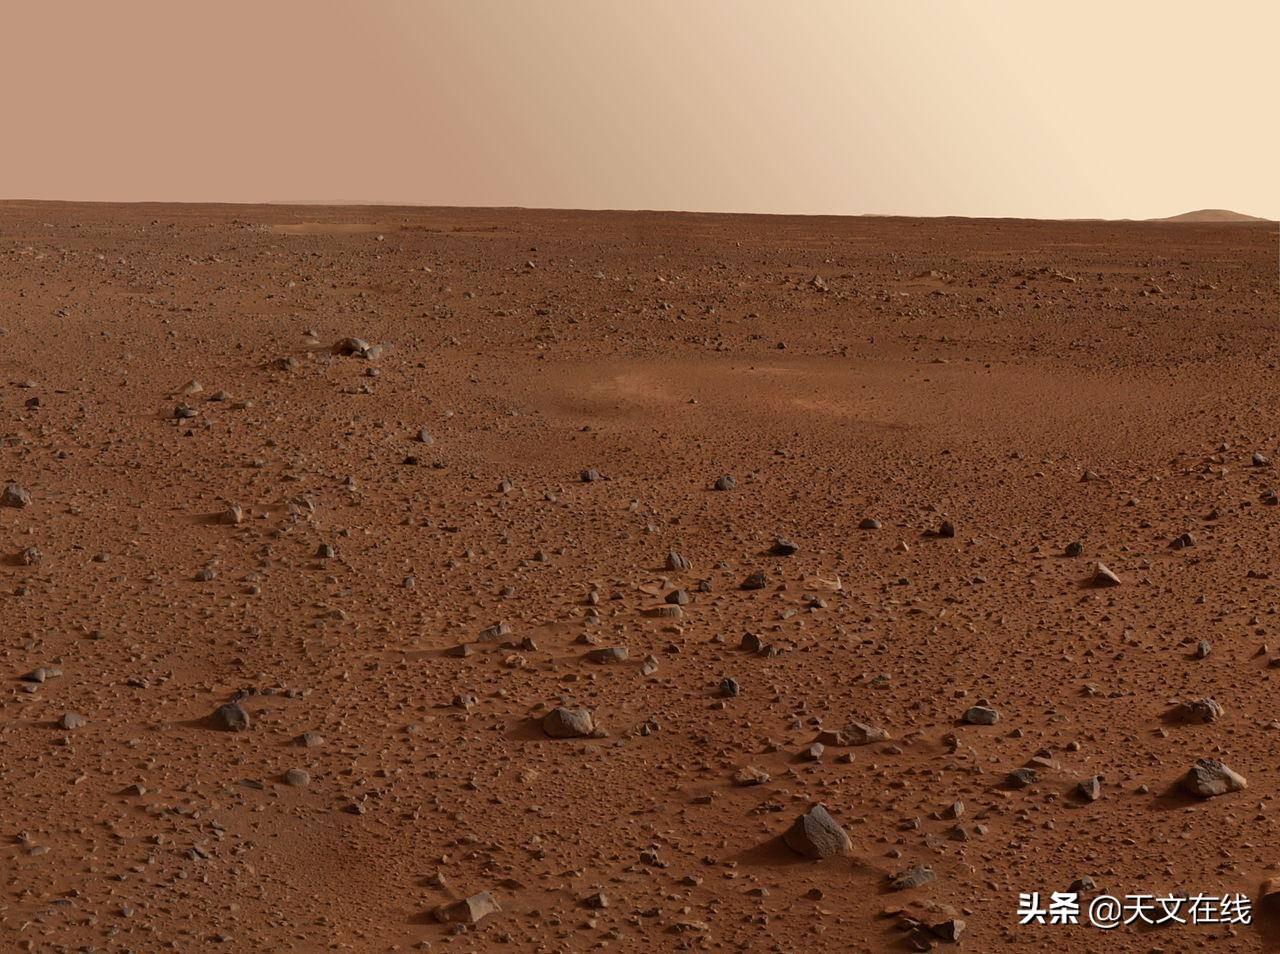 火星上是否存在生命?来自火星的陨石是否能够给我们答案?